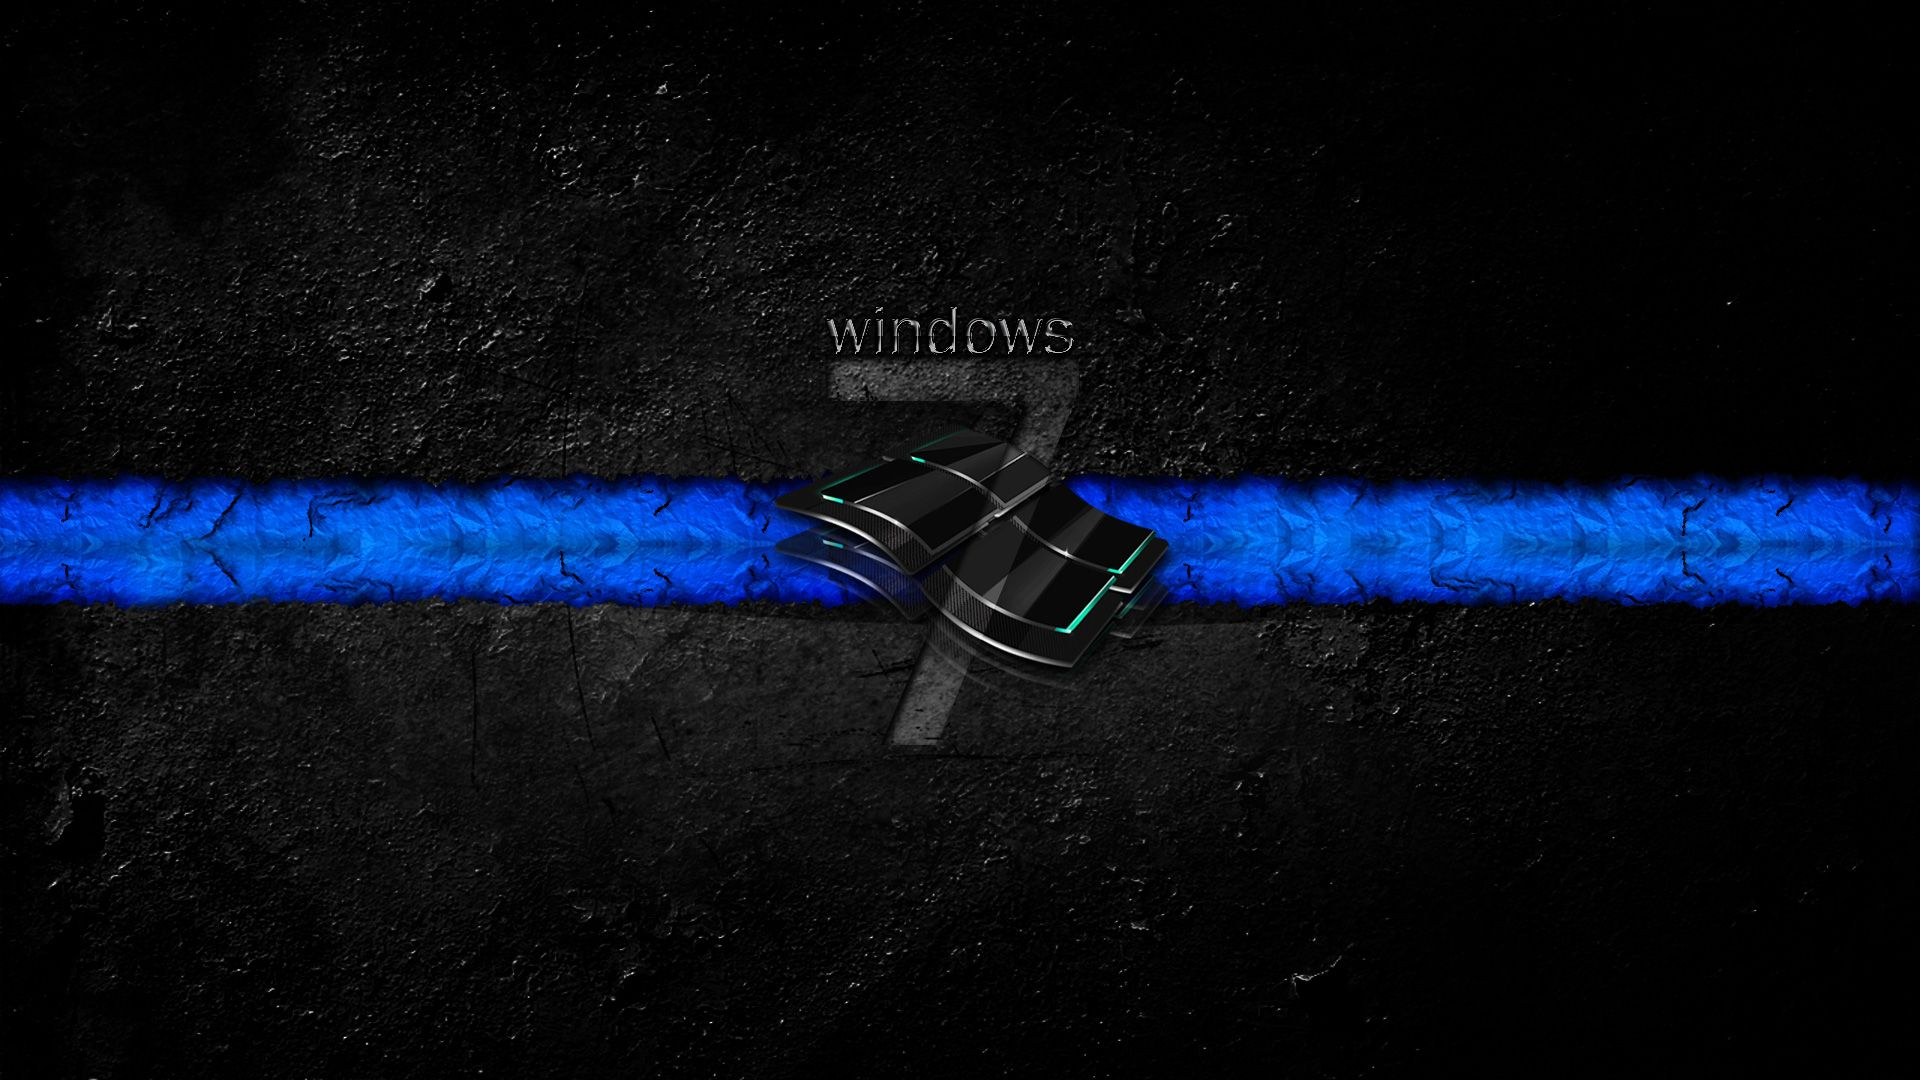 full hd p windows wallpapers hd desktop backgrounds windows | hd